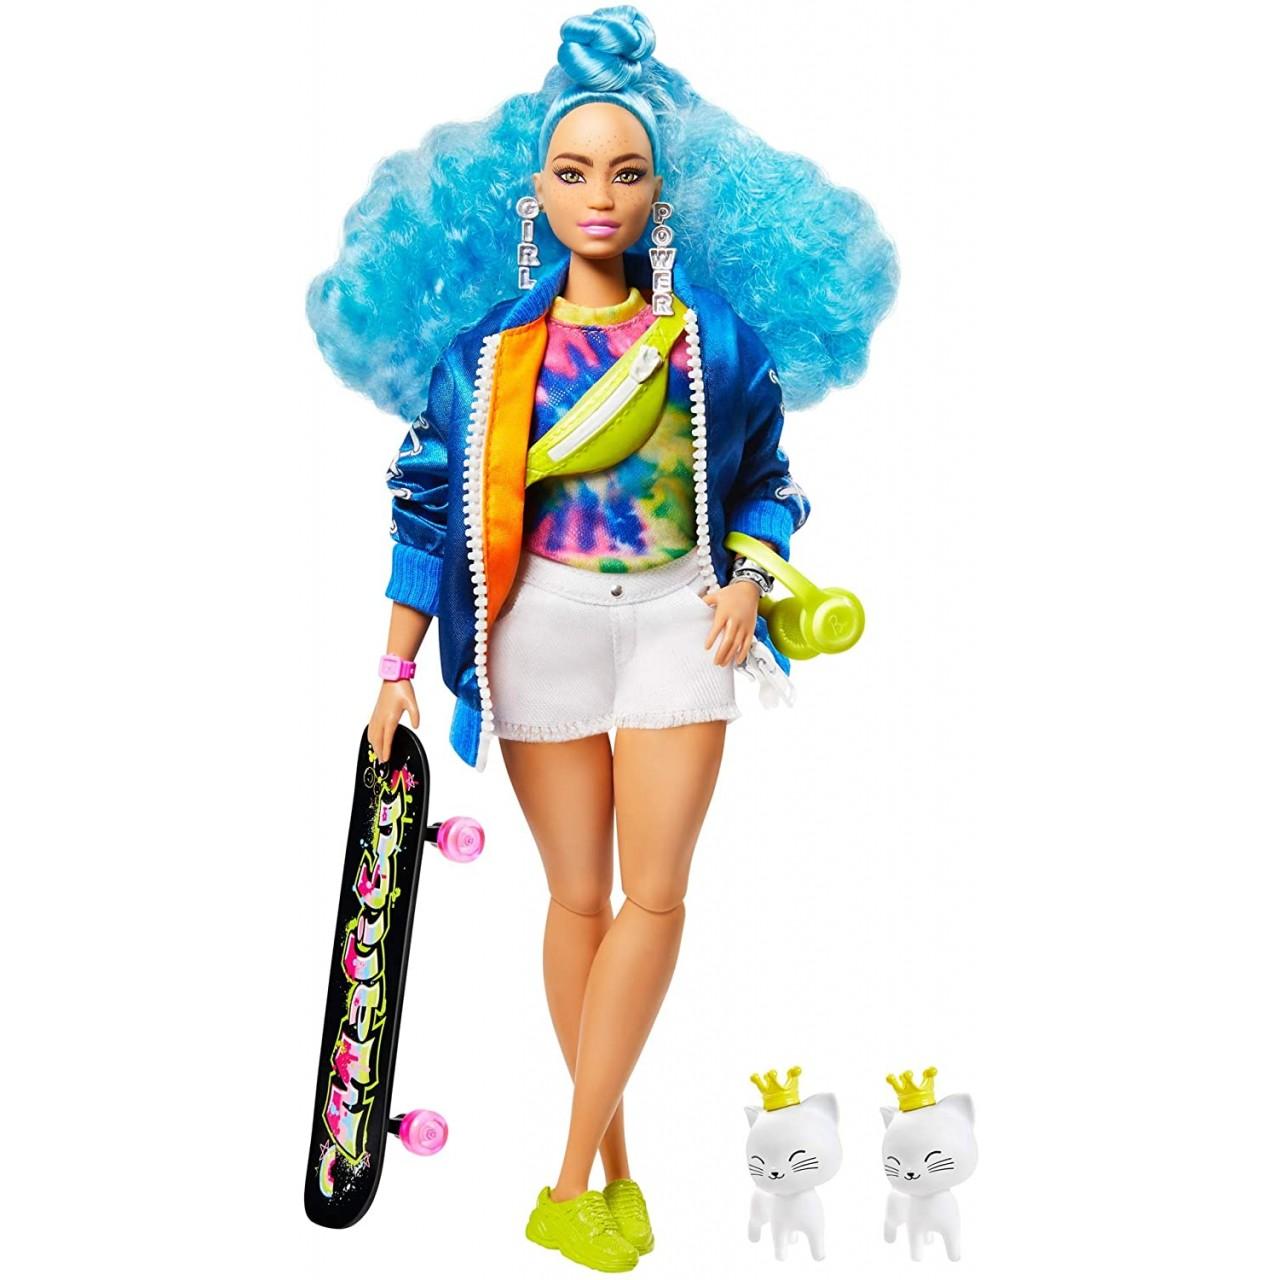 Лялька Barbie Extra з блакитним кучерявим волоссям (GRN30) від Mattel